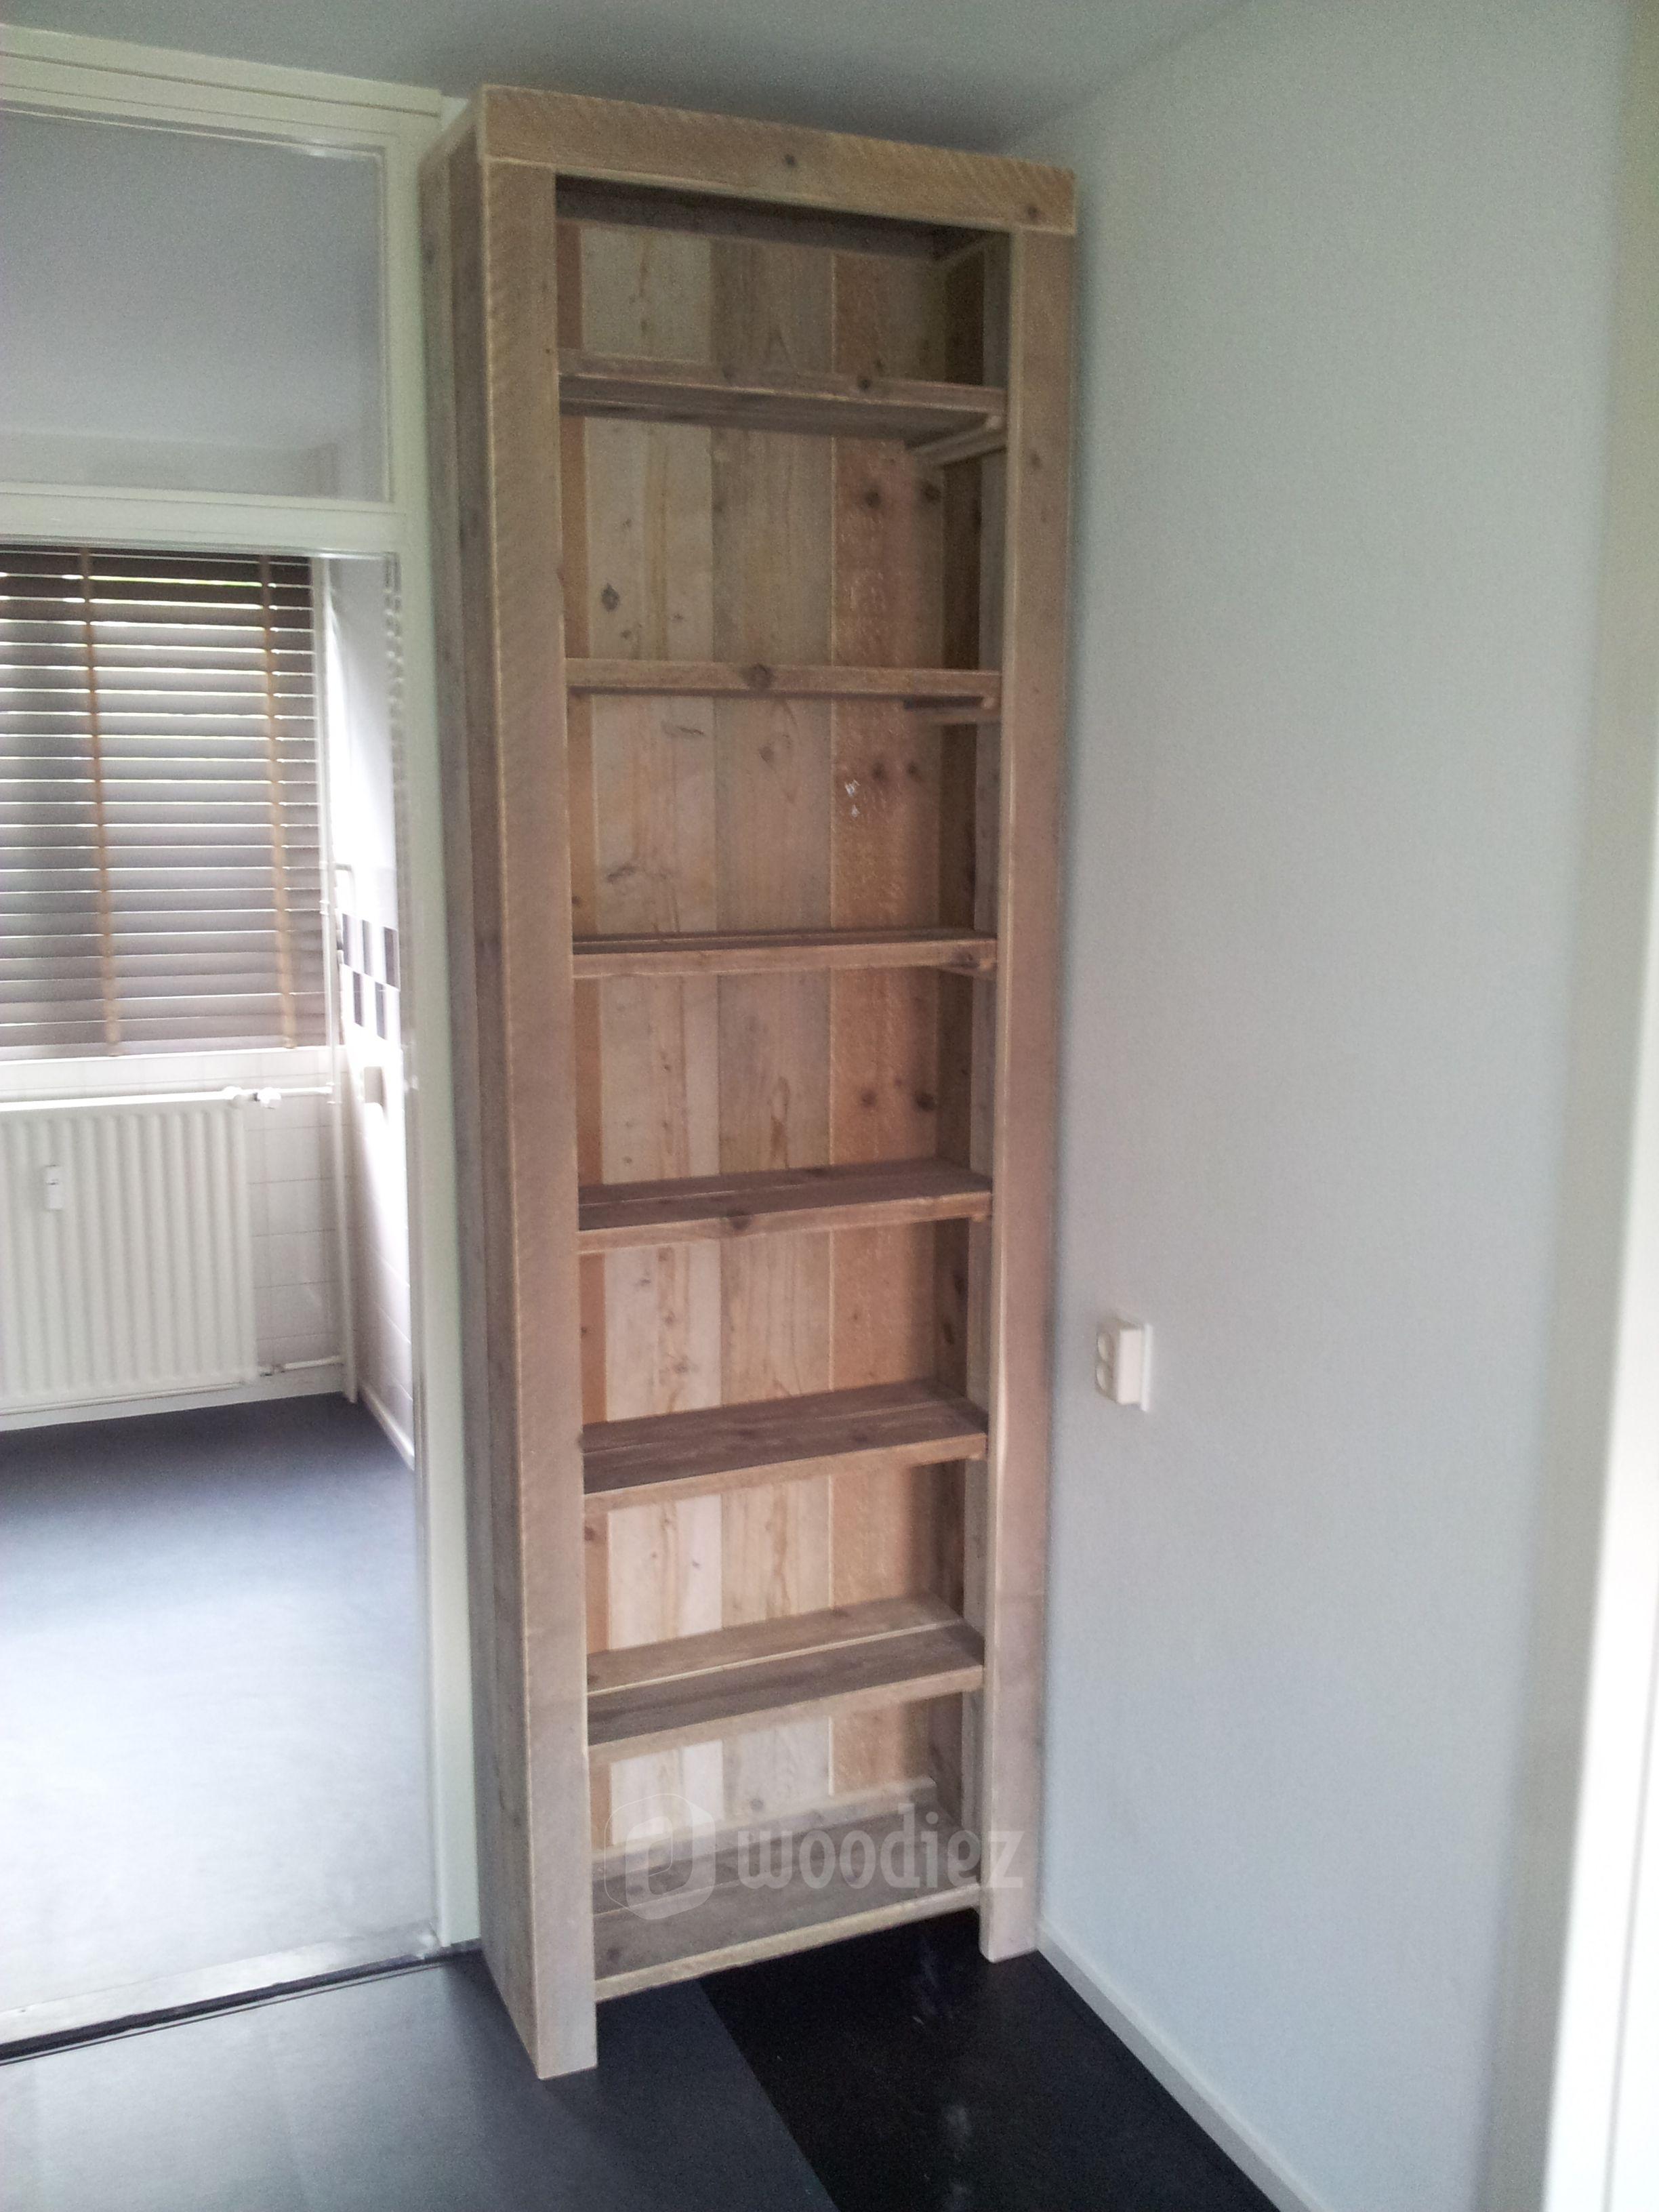 woodiez steigerhouten boekenkast boekenkast steigerhout